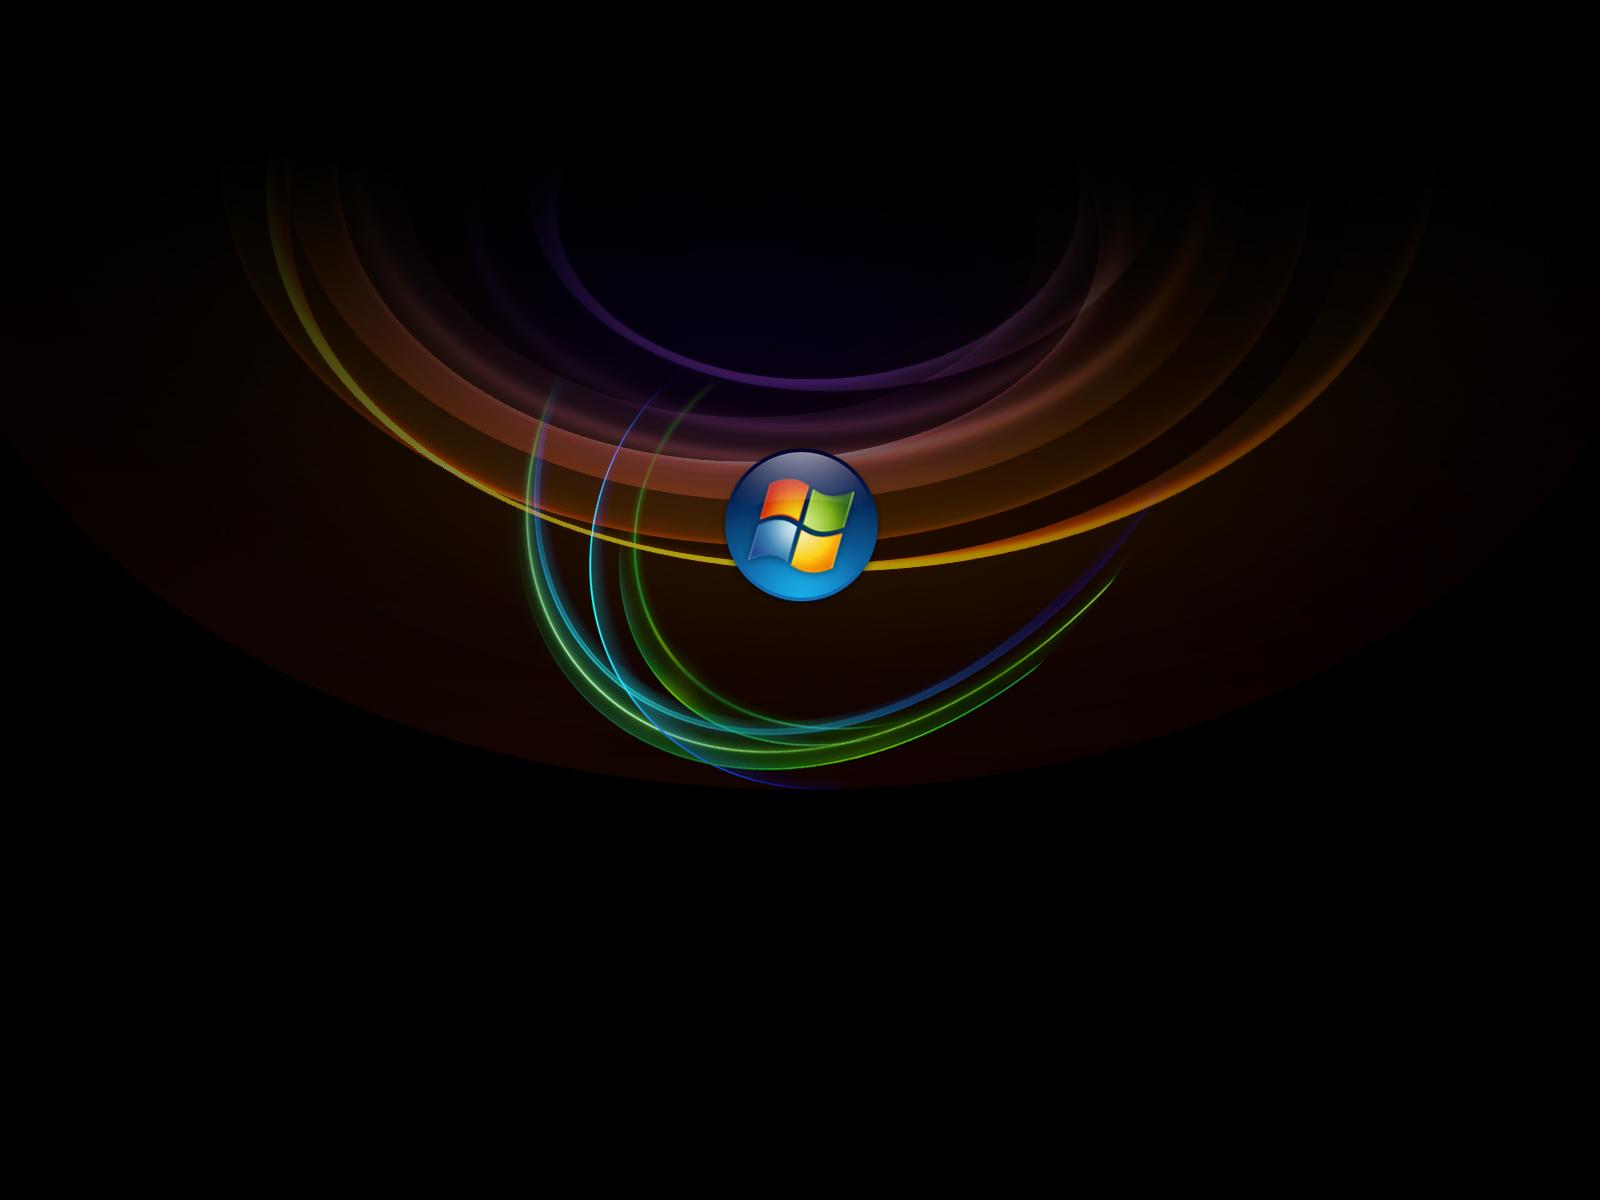 http://4.bp.blogspot.com/-ADH8j1CtrS0/TxmsSxoN2CI/AAAAAAAAC3w/87aL0ntiK_o/s1600/Vista_07.jpg